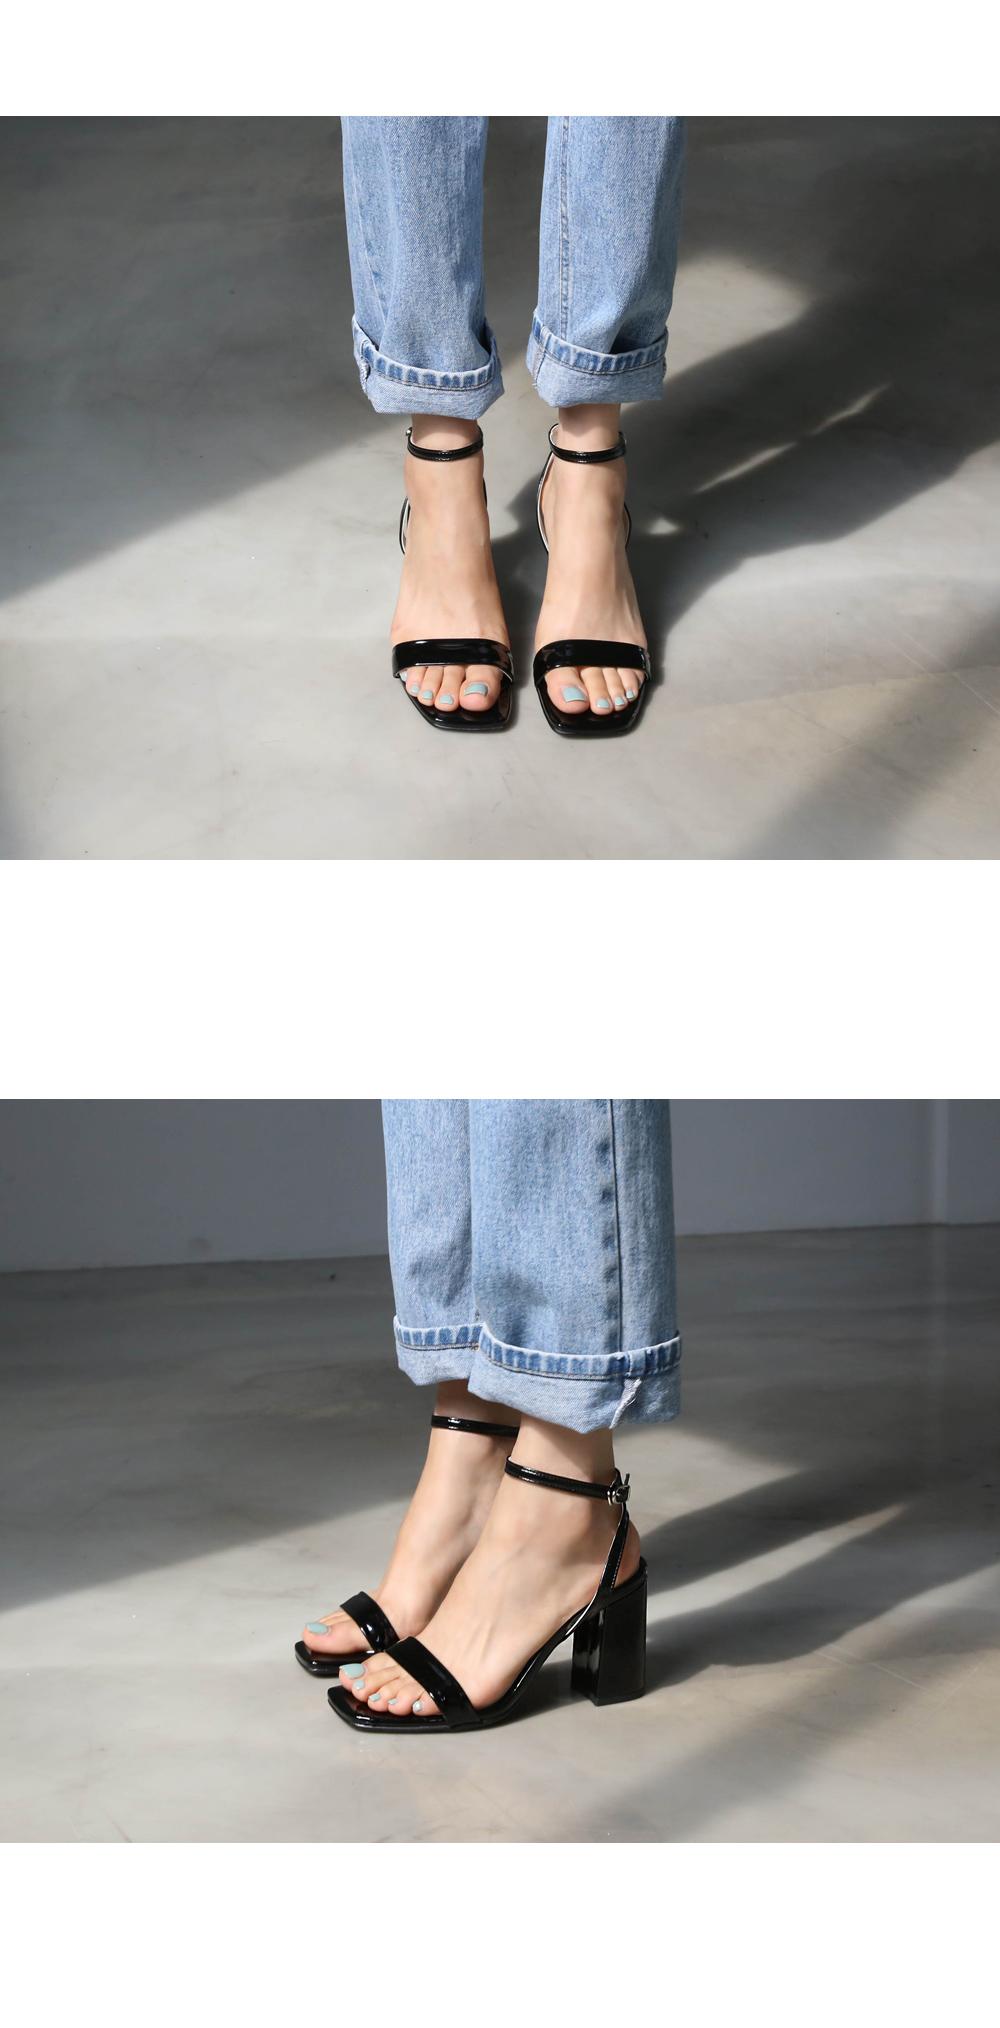 Beth Lee 8cm